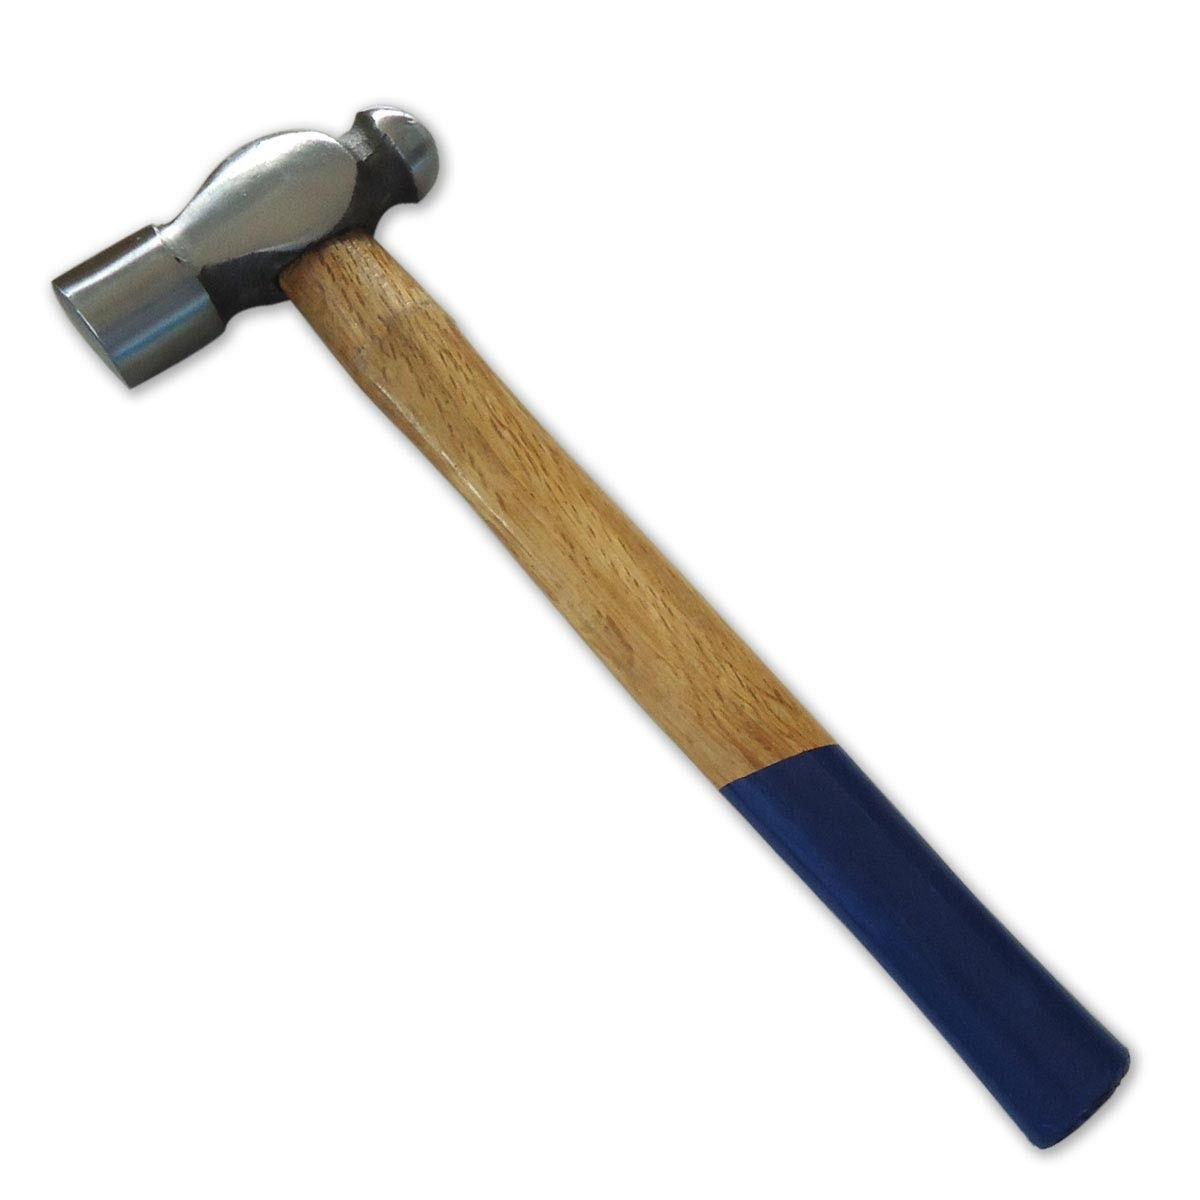 Wooden Handle Ball Peen Hammer - Steel Head (08021020)